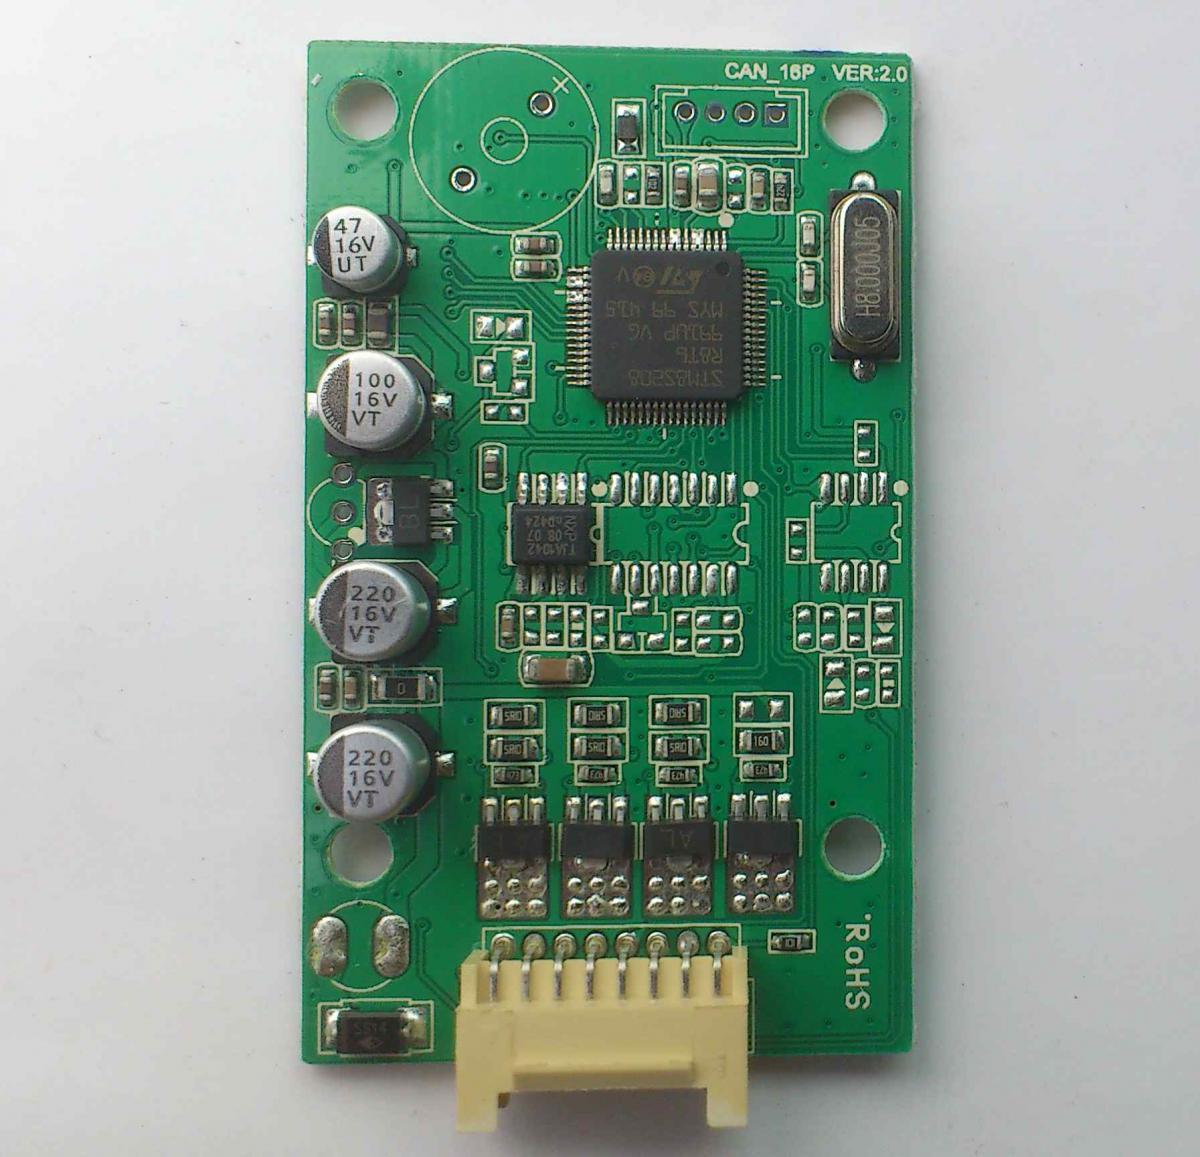 Адаптер K-LINE своими руками из USB дата-кабеля от телефона 83